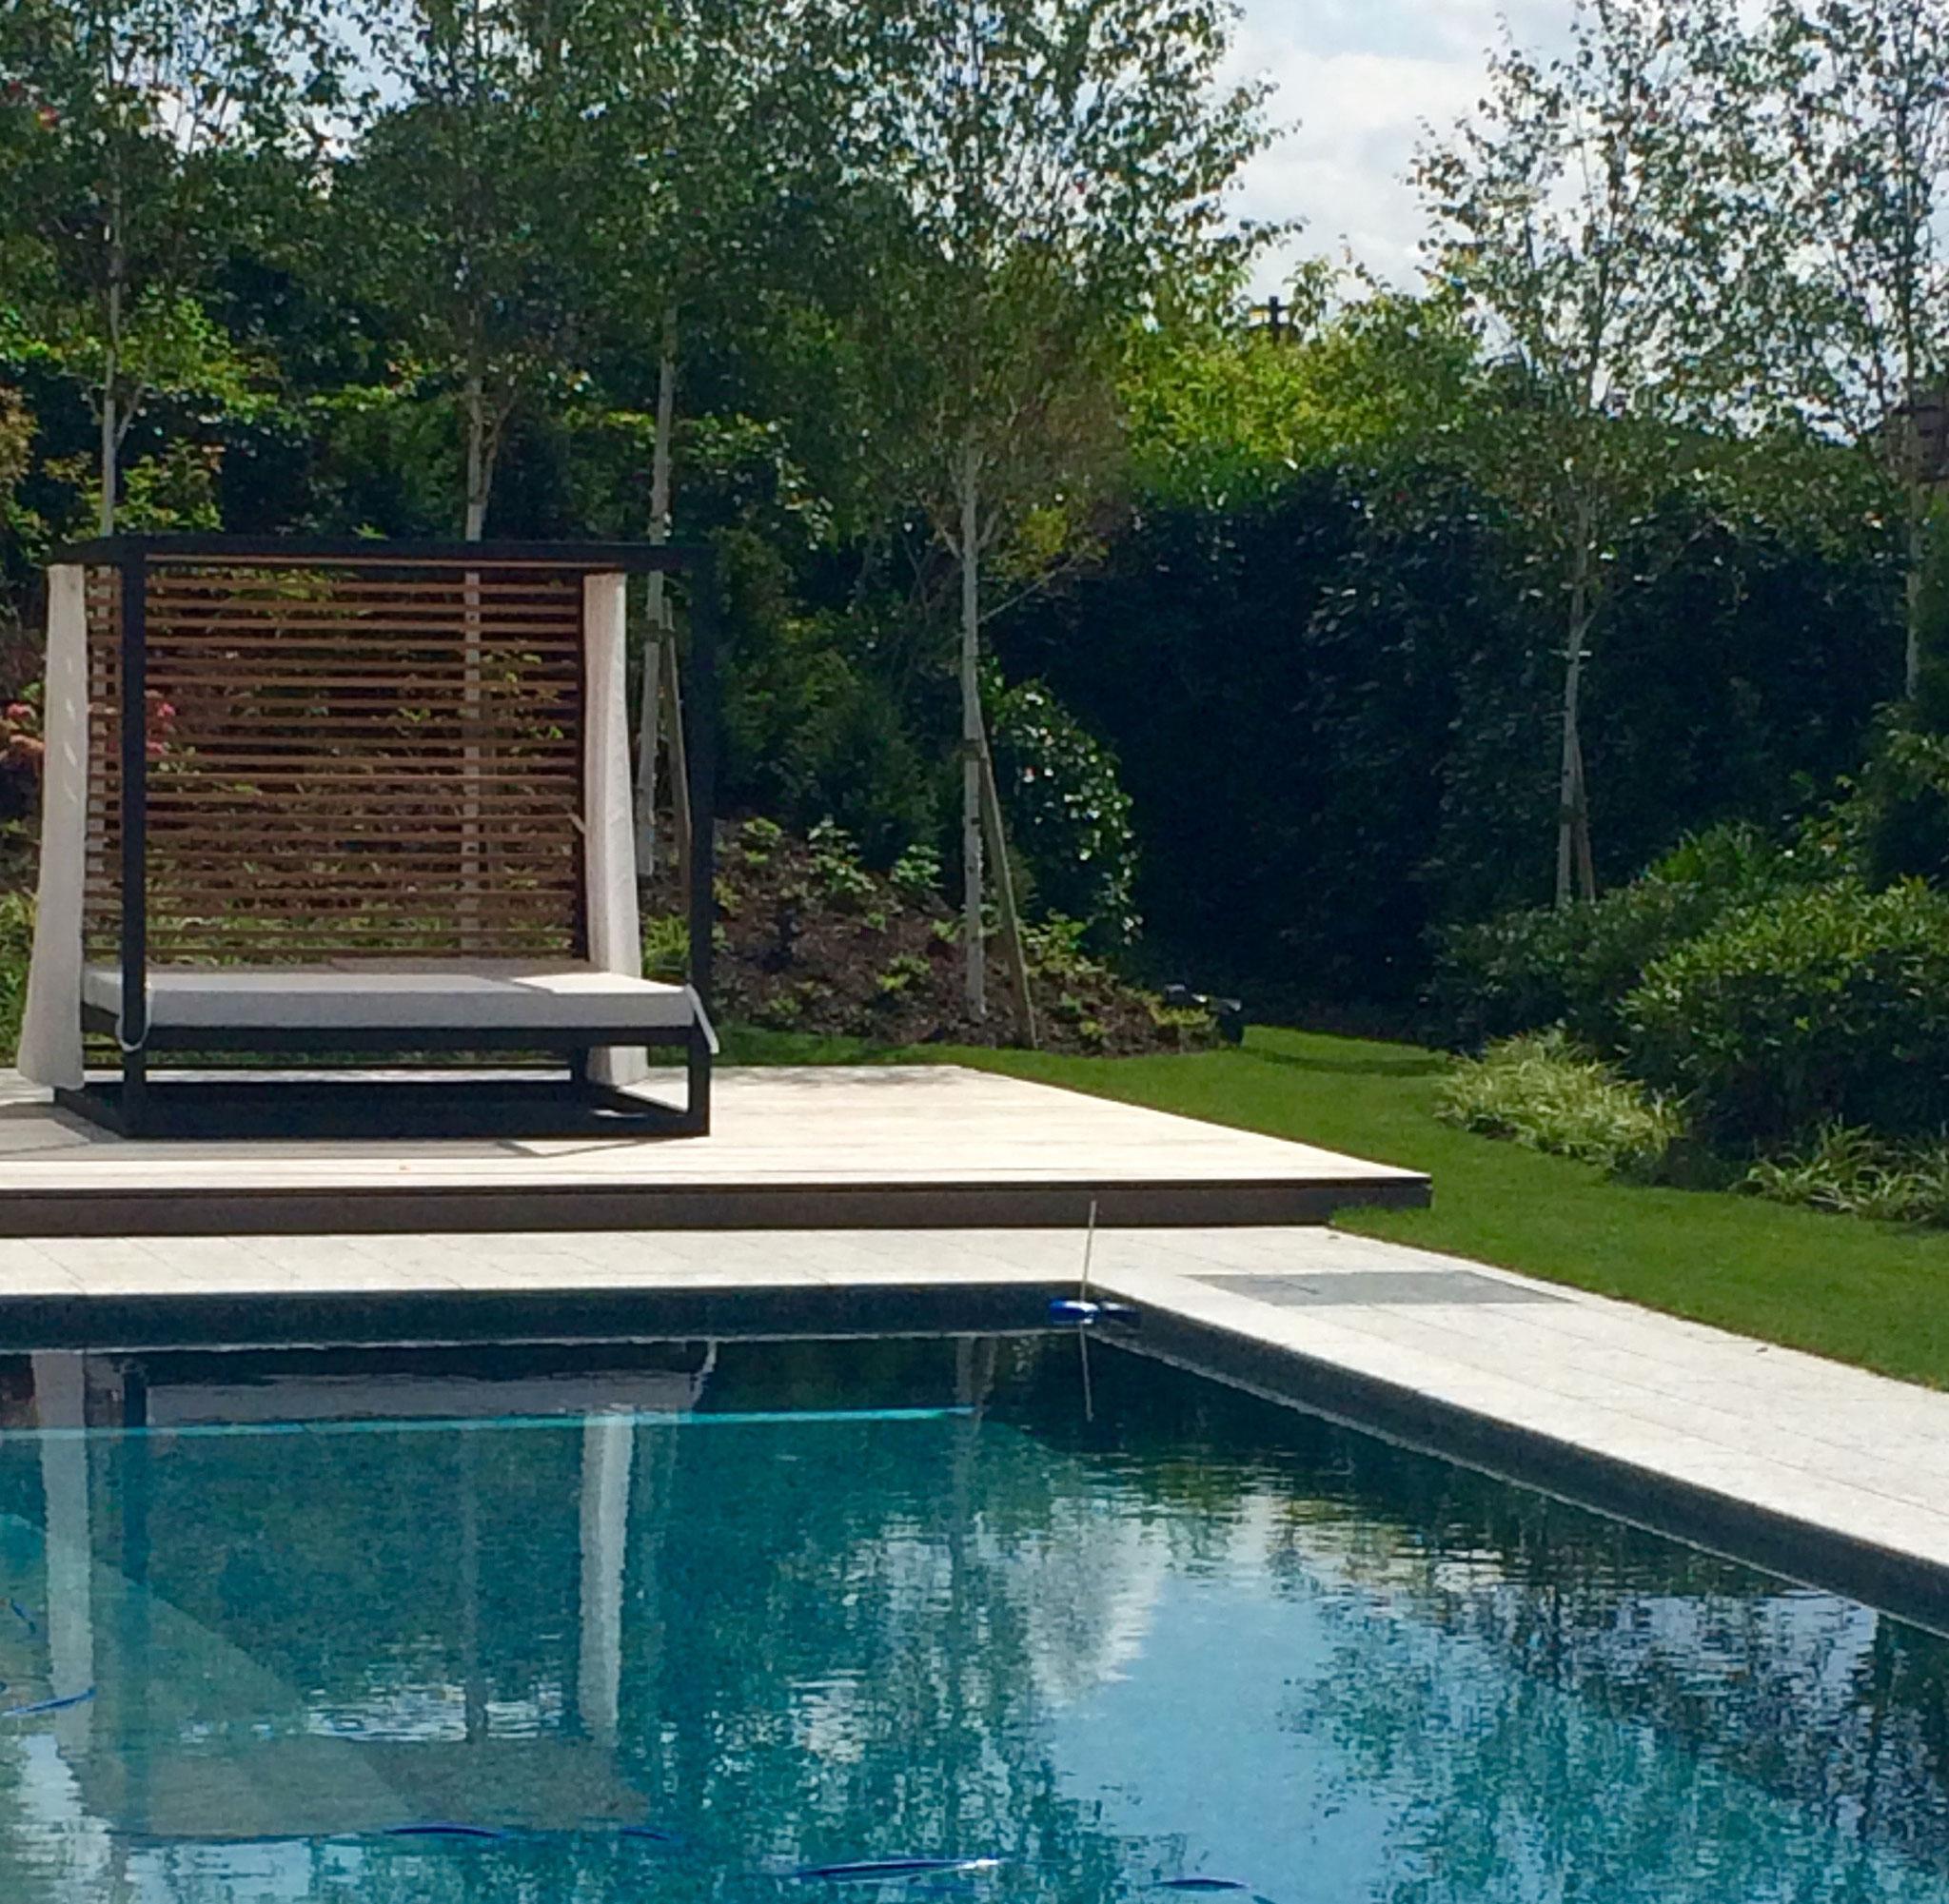 Pool Villa in Erlenbach